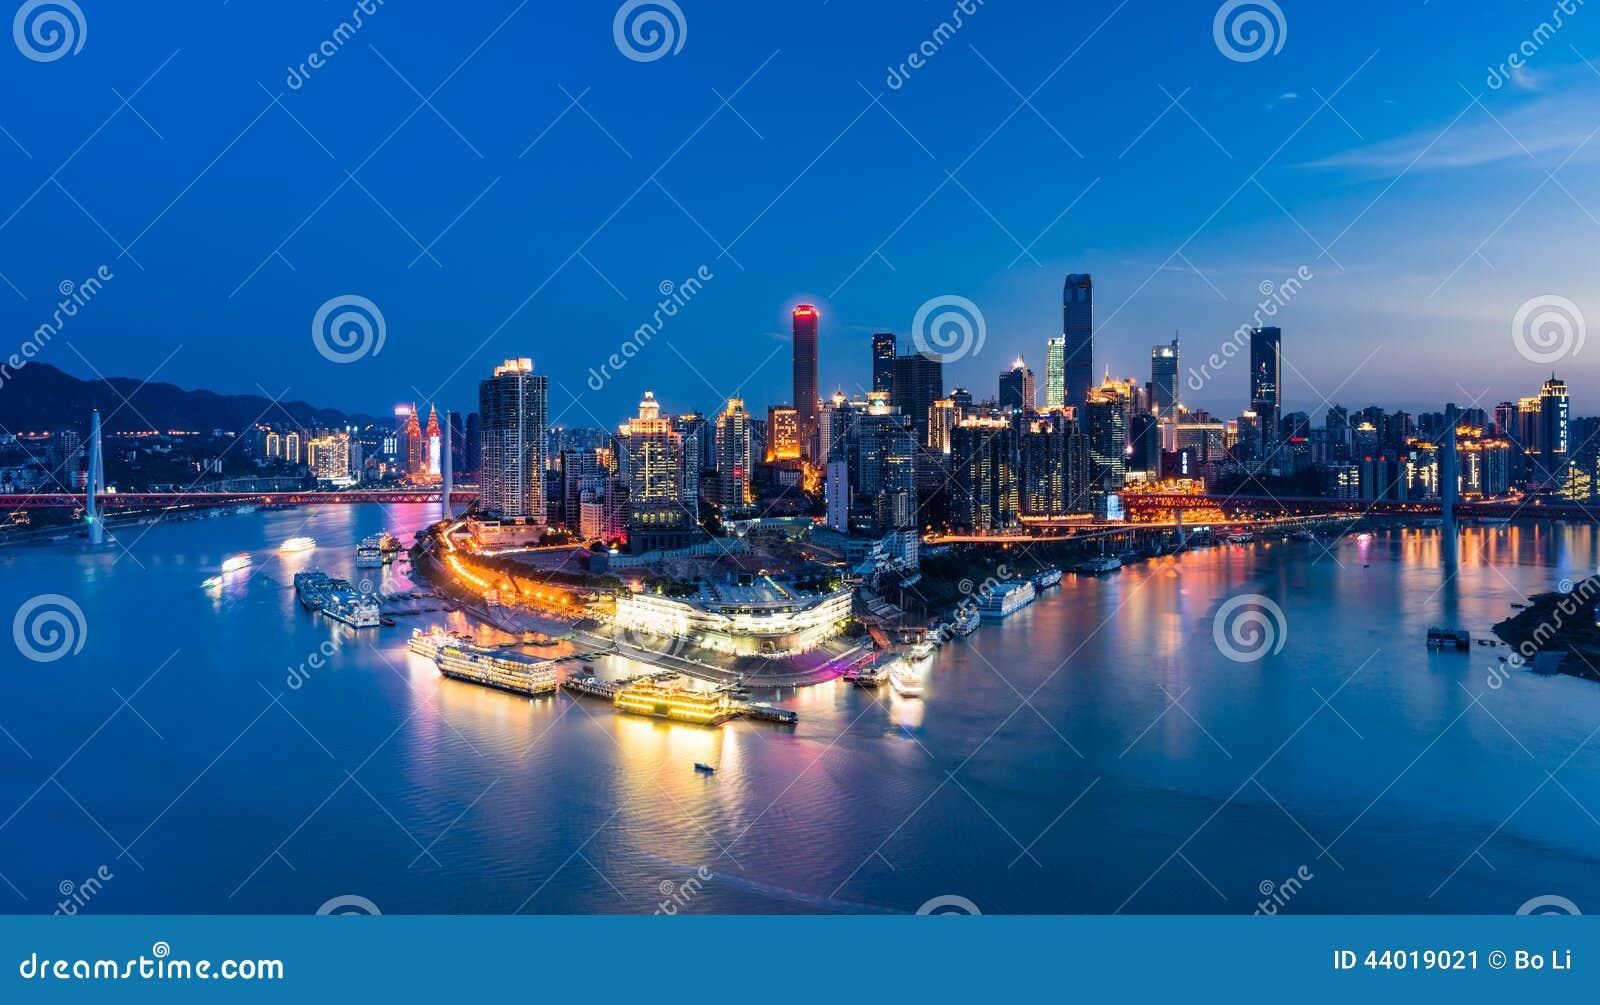 Night scene of Chongqing city